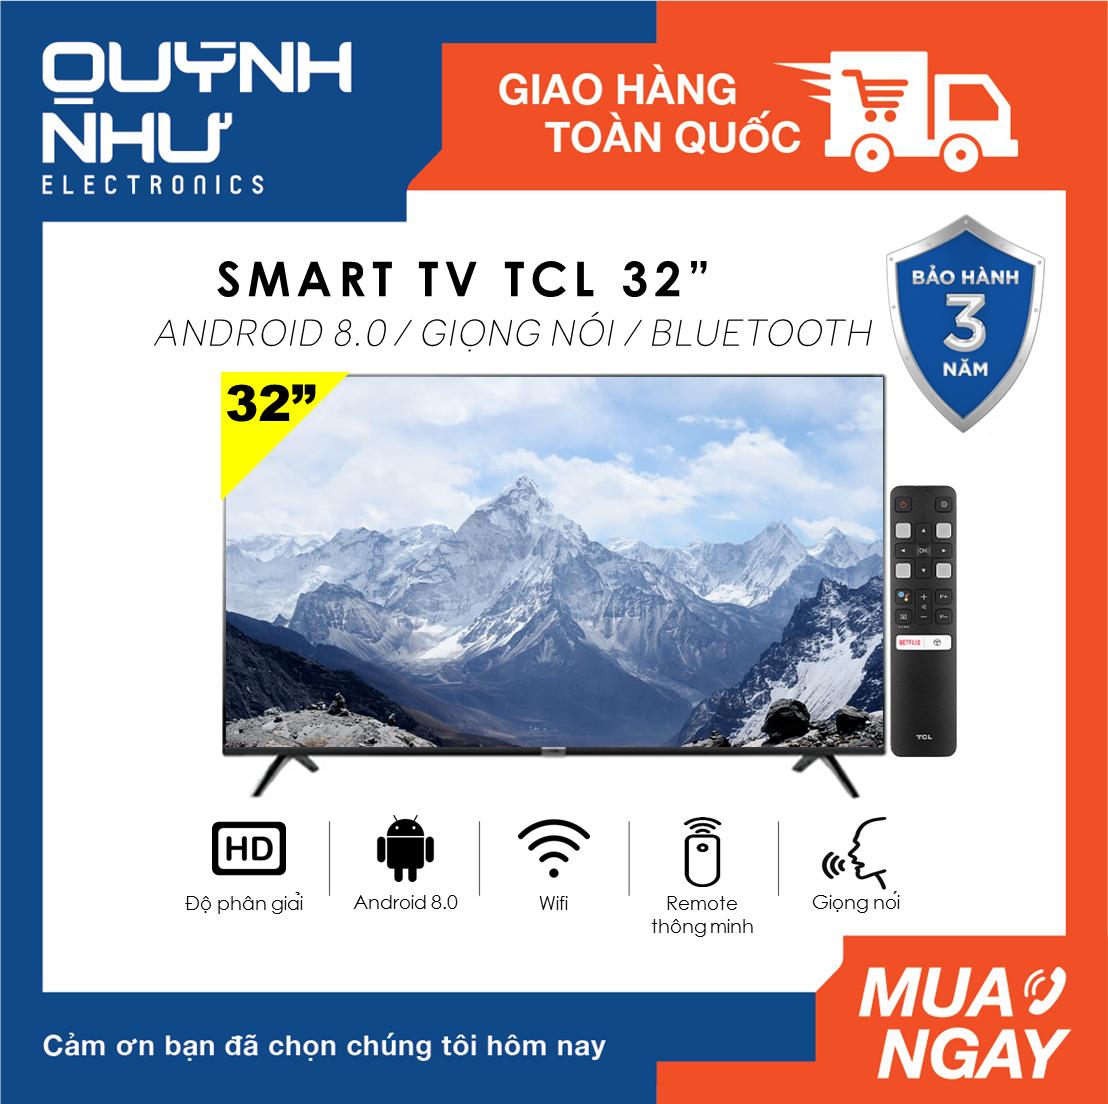 (Trả góp 0%) Smart Voice Tivi TCL 32 inch model L32S6500 (HD Ready, Android 8.0, Kết nối Internet Wifi, Bluetooth,Tìm kiếm giọng nói, Dolby, Chromecast, T-cast, AI+IN -, Tặng remote thông minh, Màu đen) – Tivi giá rẻ – Bảo hành 3 năm